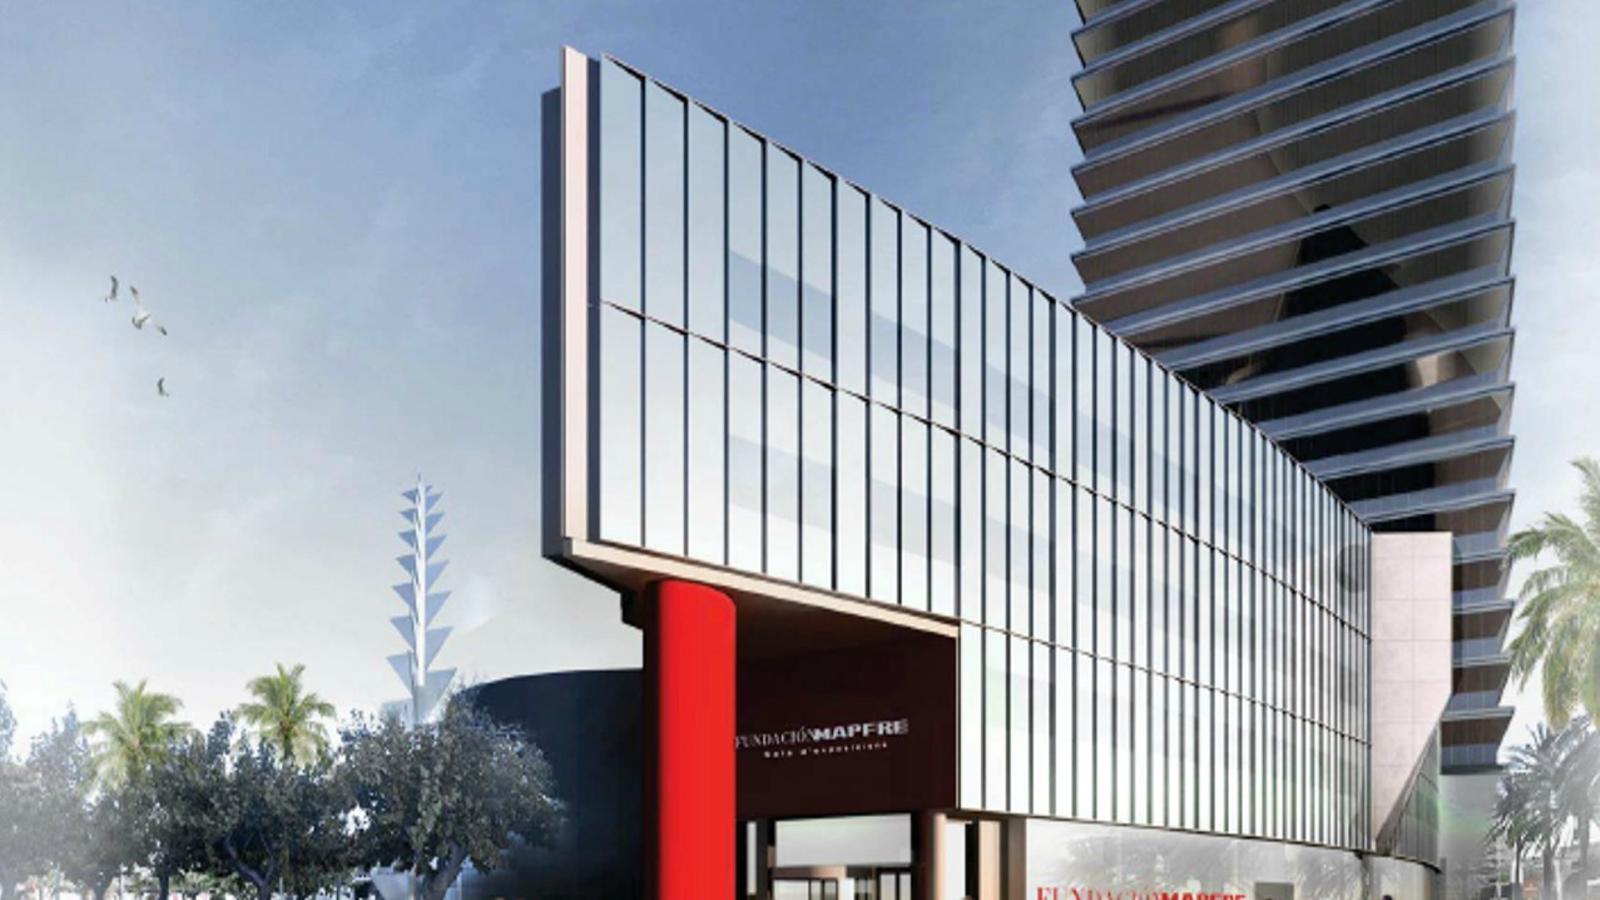 La Fundació Mapfre abandona la casa Garriga Nogués i obrirà un centre de fotografia a la Torre Mapfre